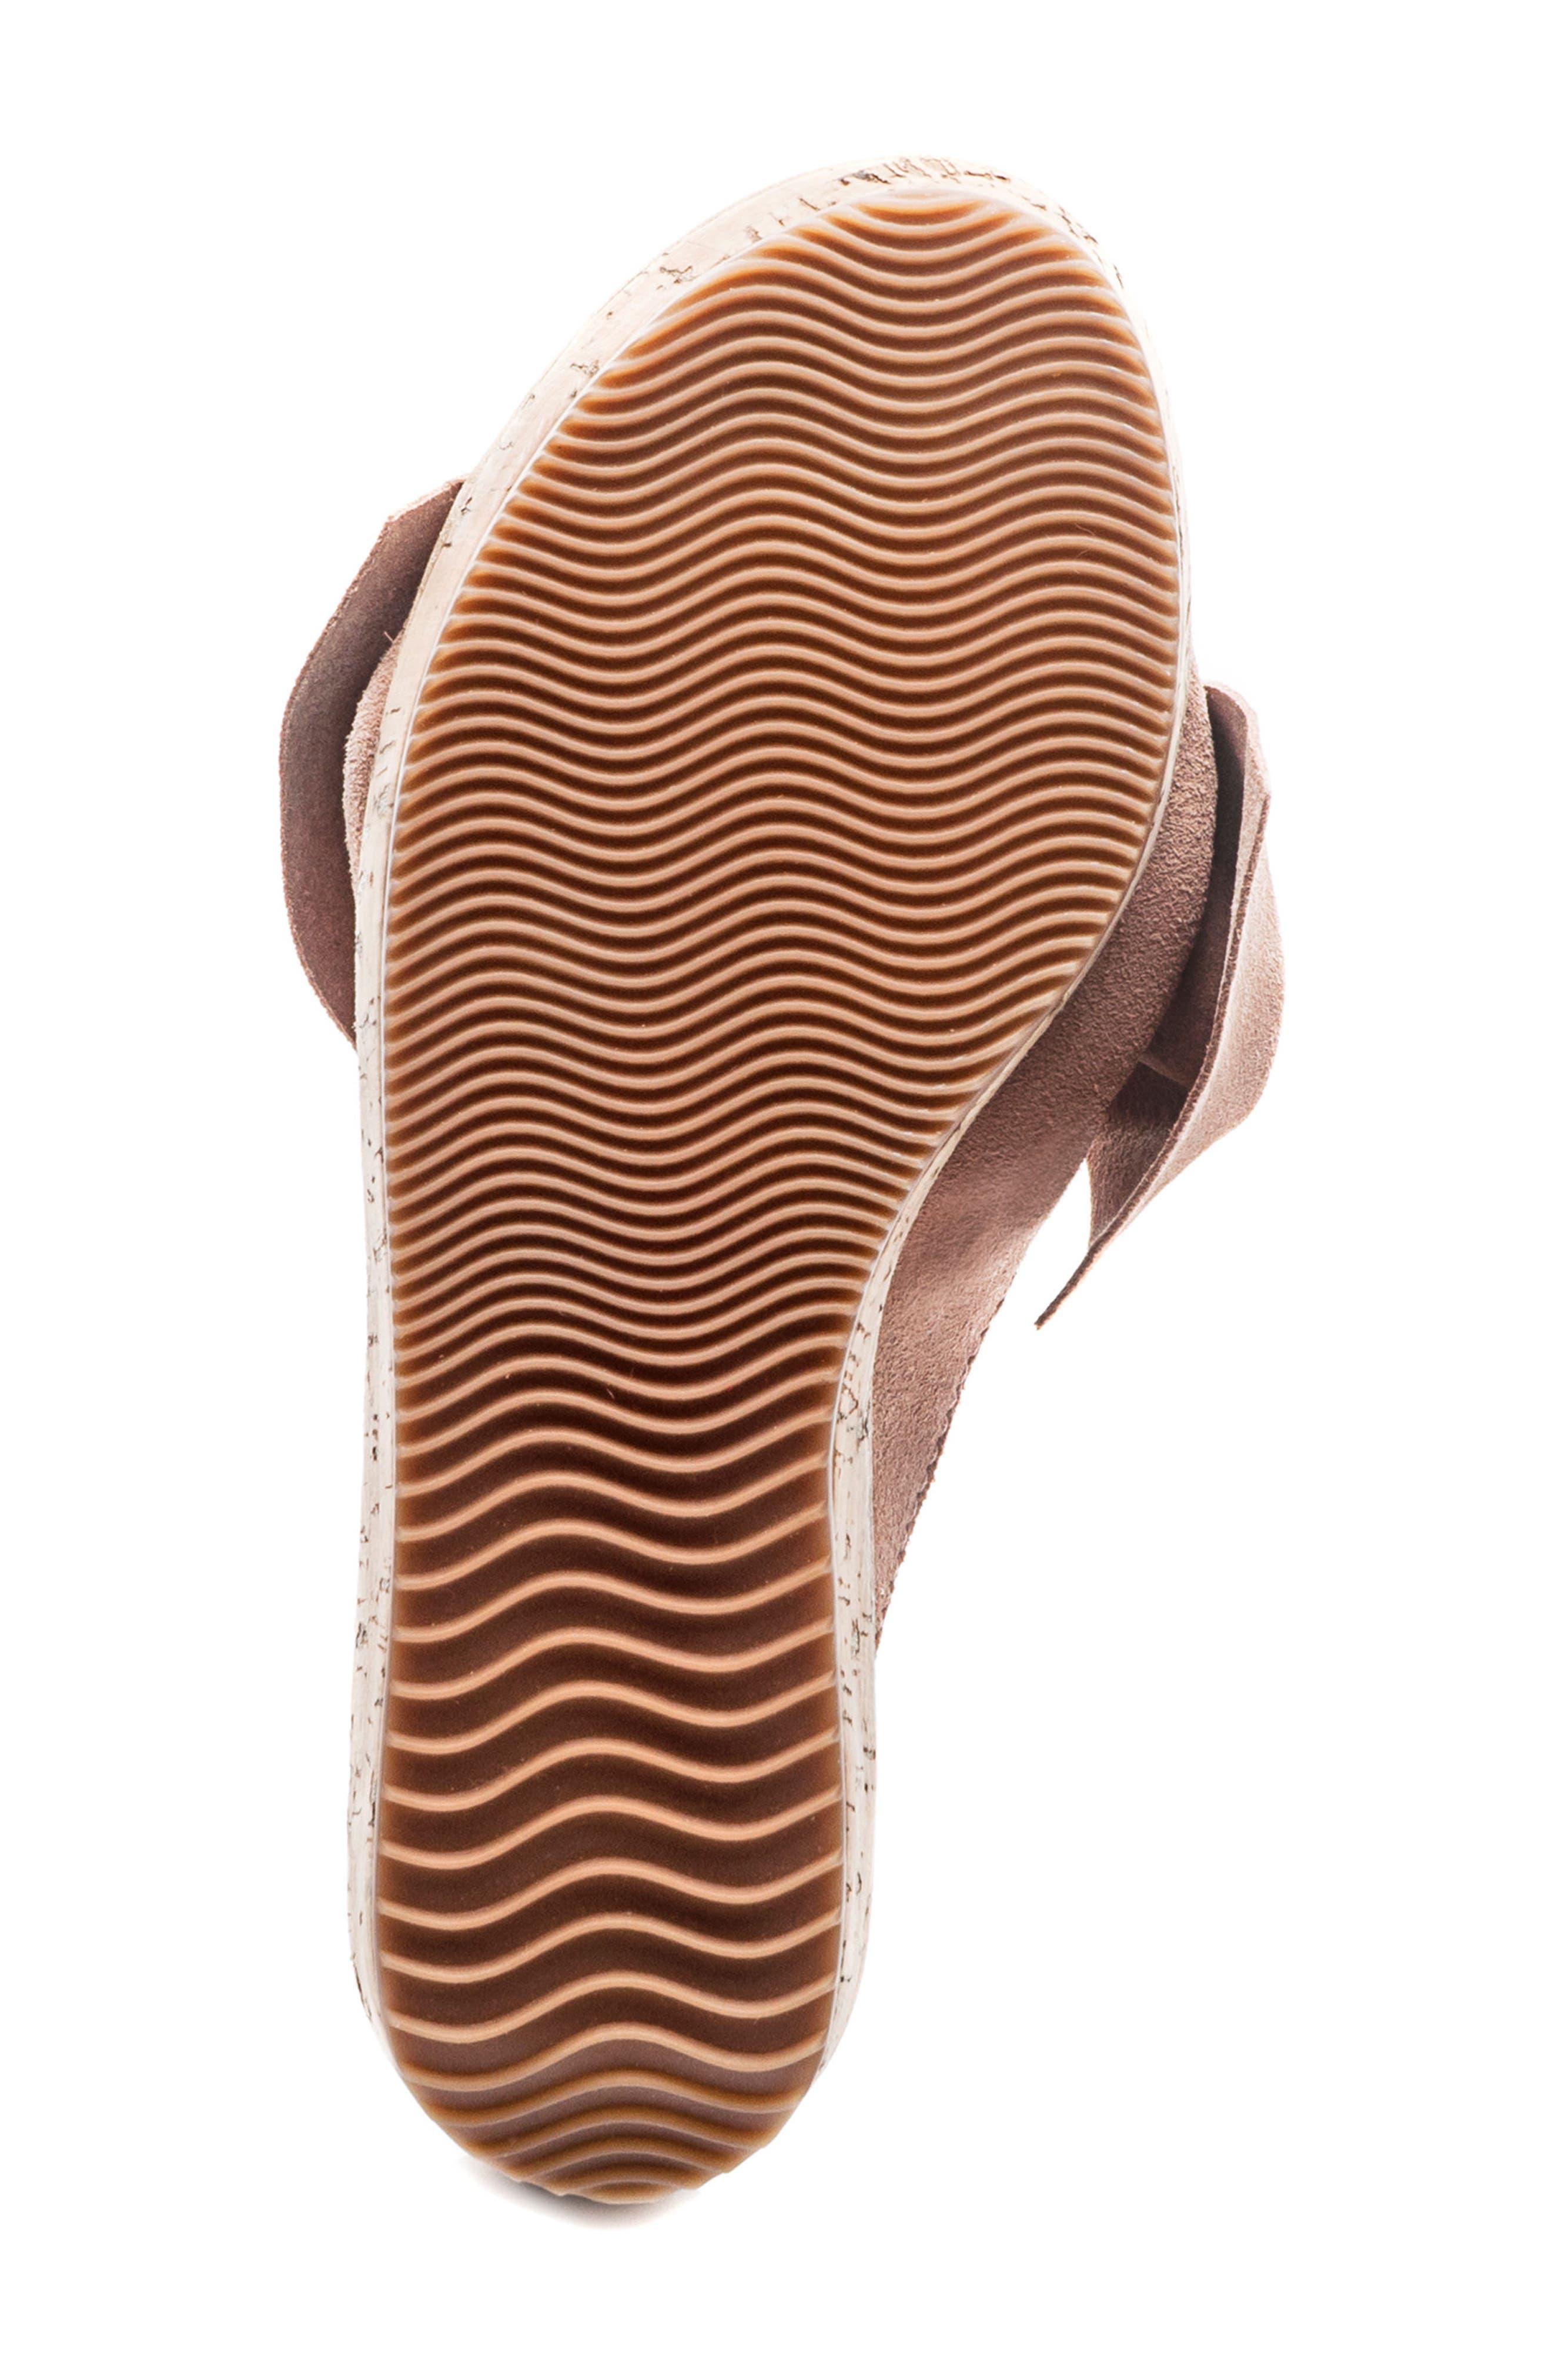 Bernardo Petra Slide Sandal,                             Alternate thumbnail 6, color,                             Blush Leather